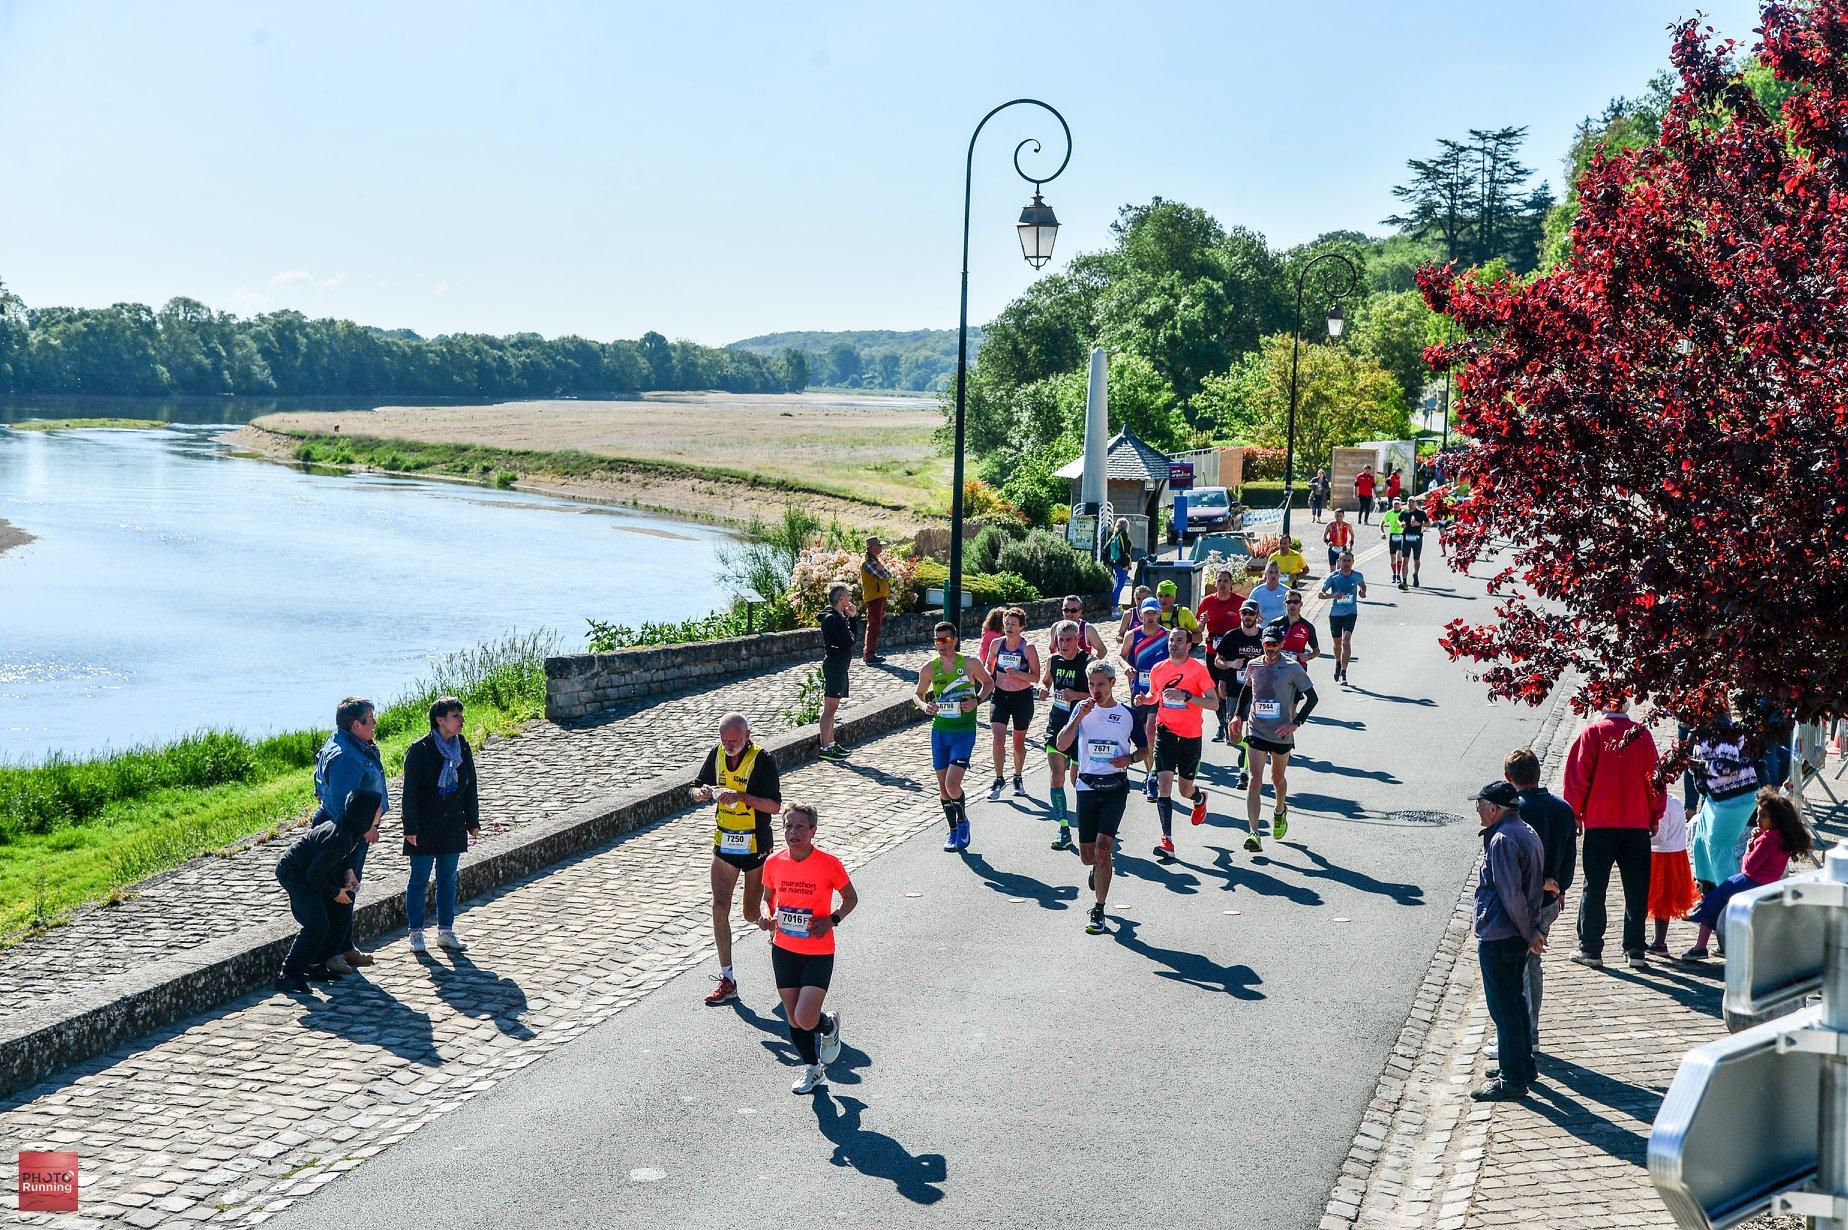 5ème Marathon de la Loire @ Rue Beauregard / Rue Foulques Nerra | Chênehutte-Trèves-Cunault | Pays de la Loire | France